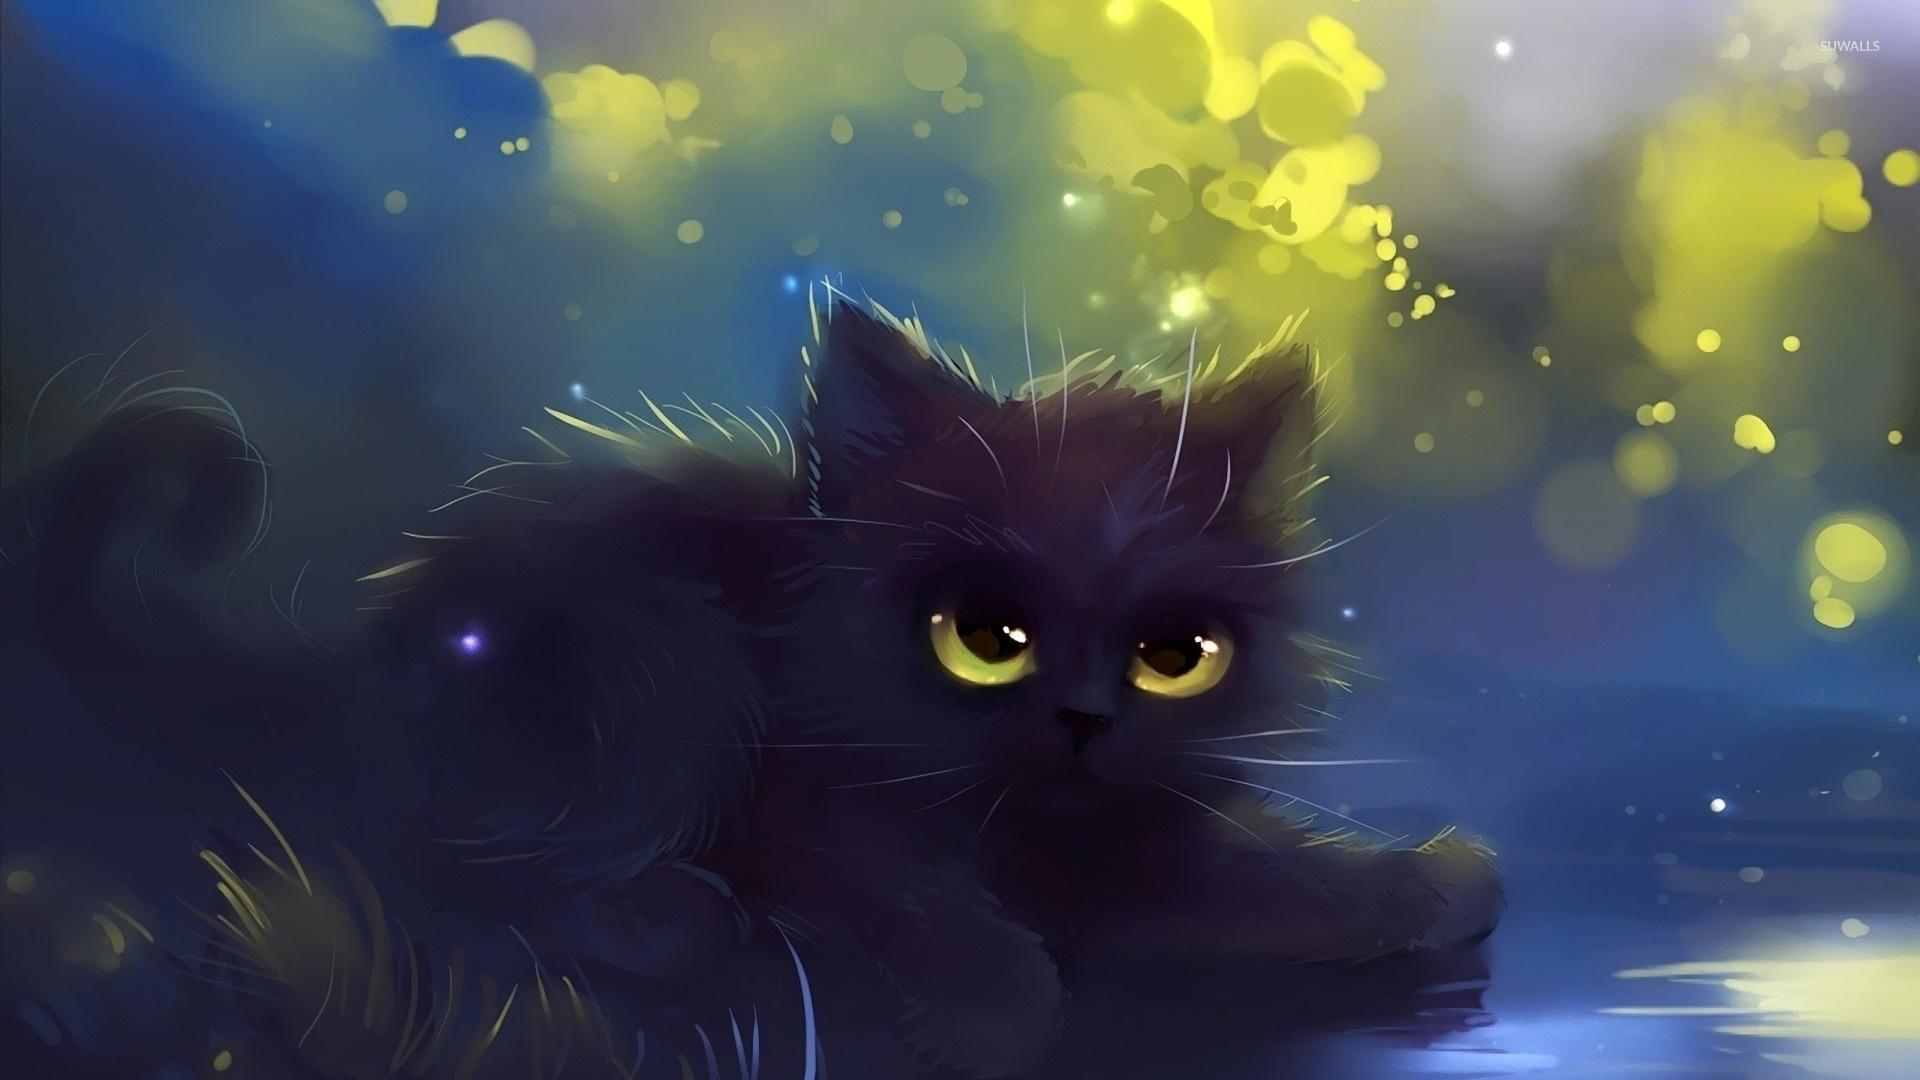 Drawn Cats computer wallpaper